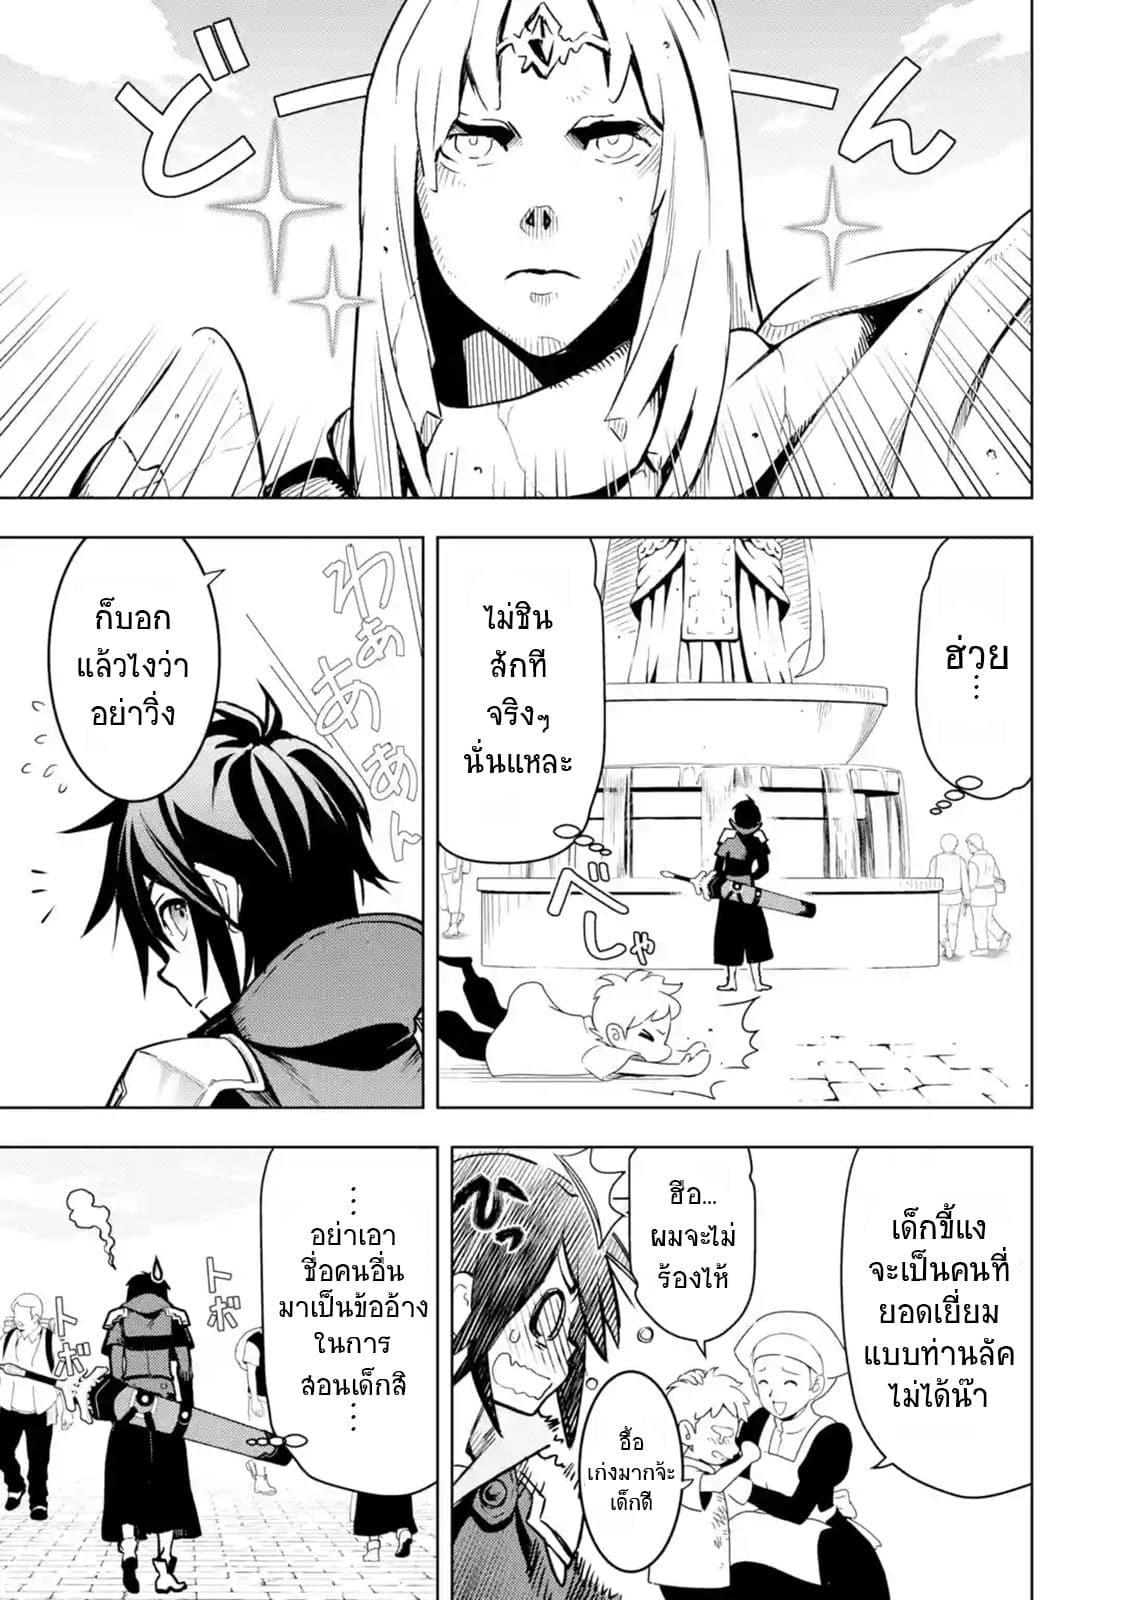 อ่านการ์ตูน Koko wa Ore ni Makasete Saki ni Ike to Itte kara 10 Nen ga Tattara Densetsu ni Natteita ตอนที่ 2 หน้าที่ 10